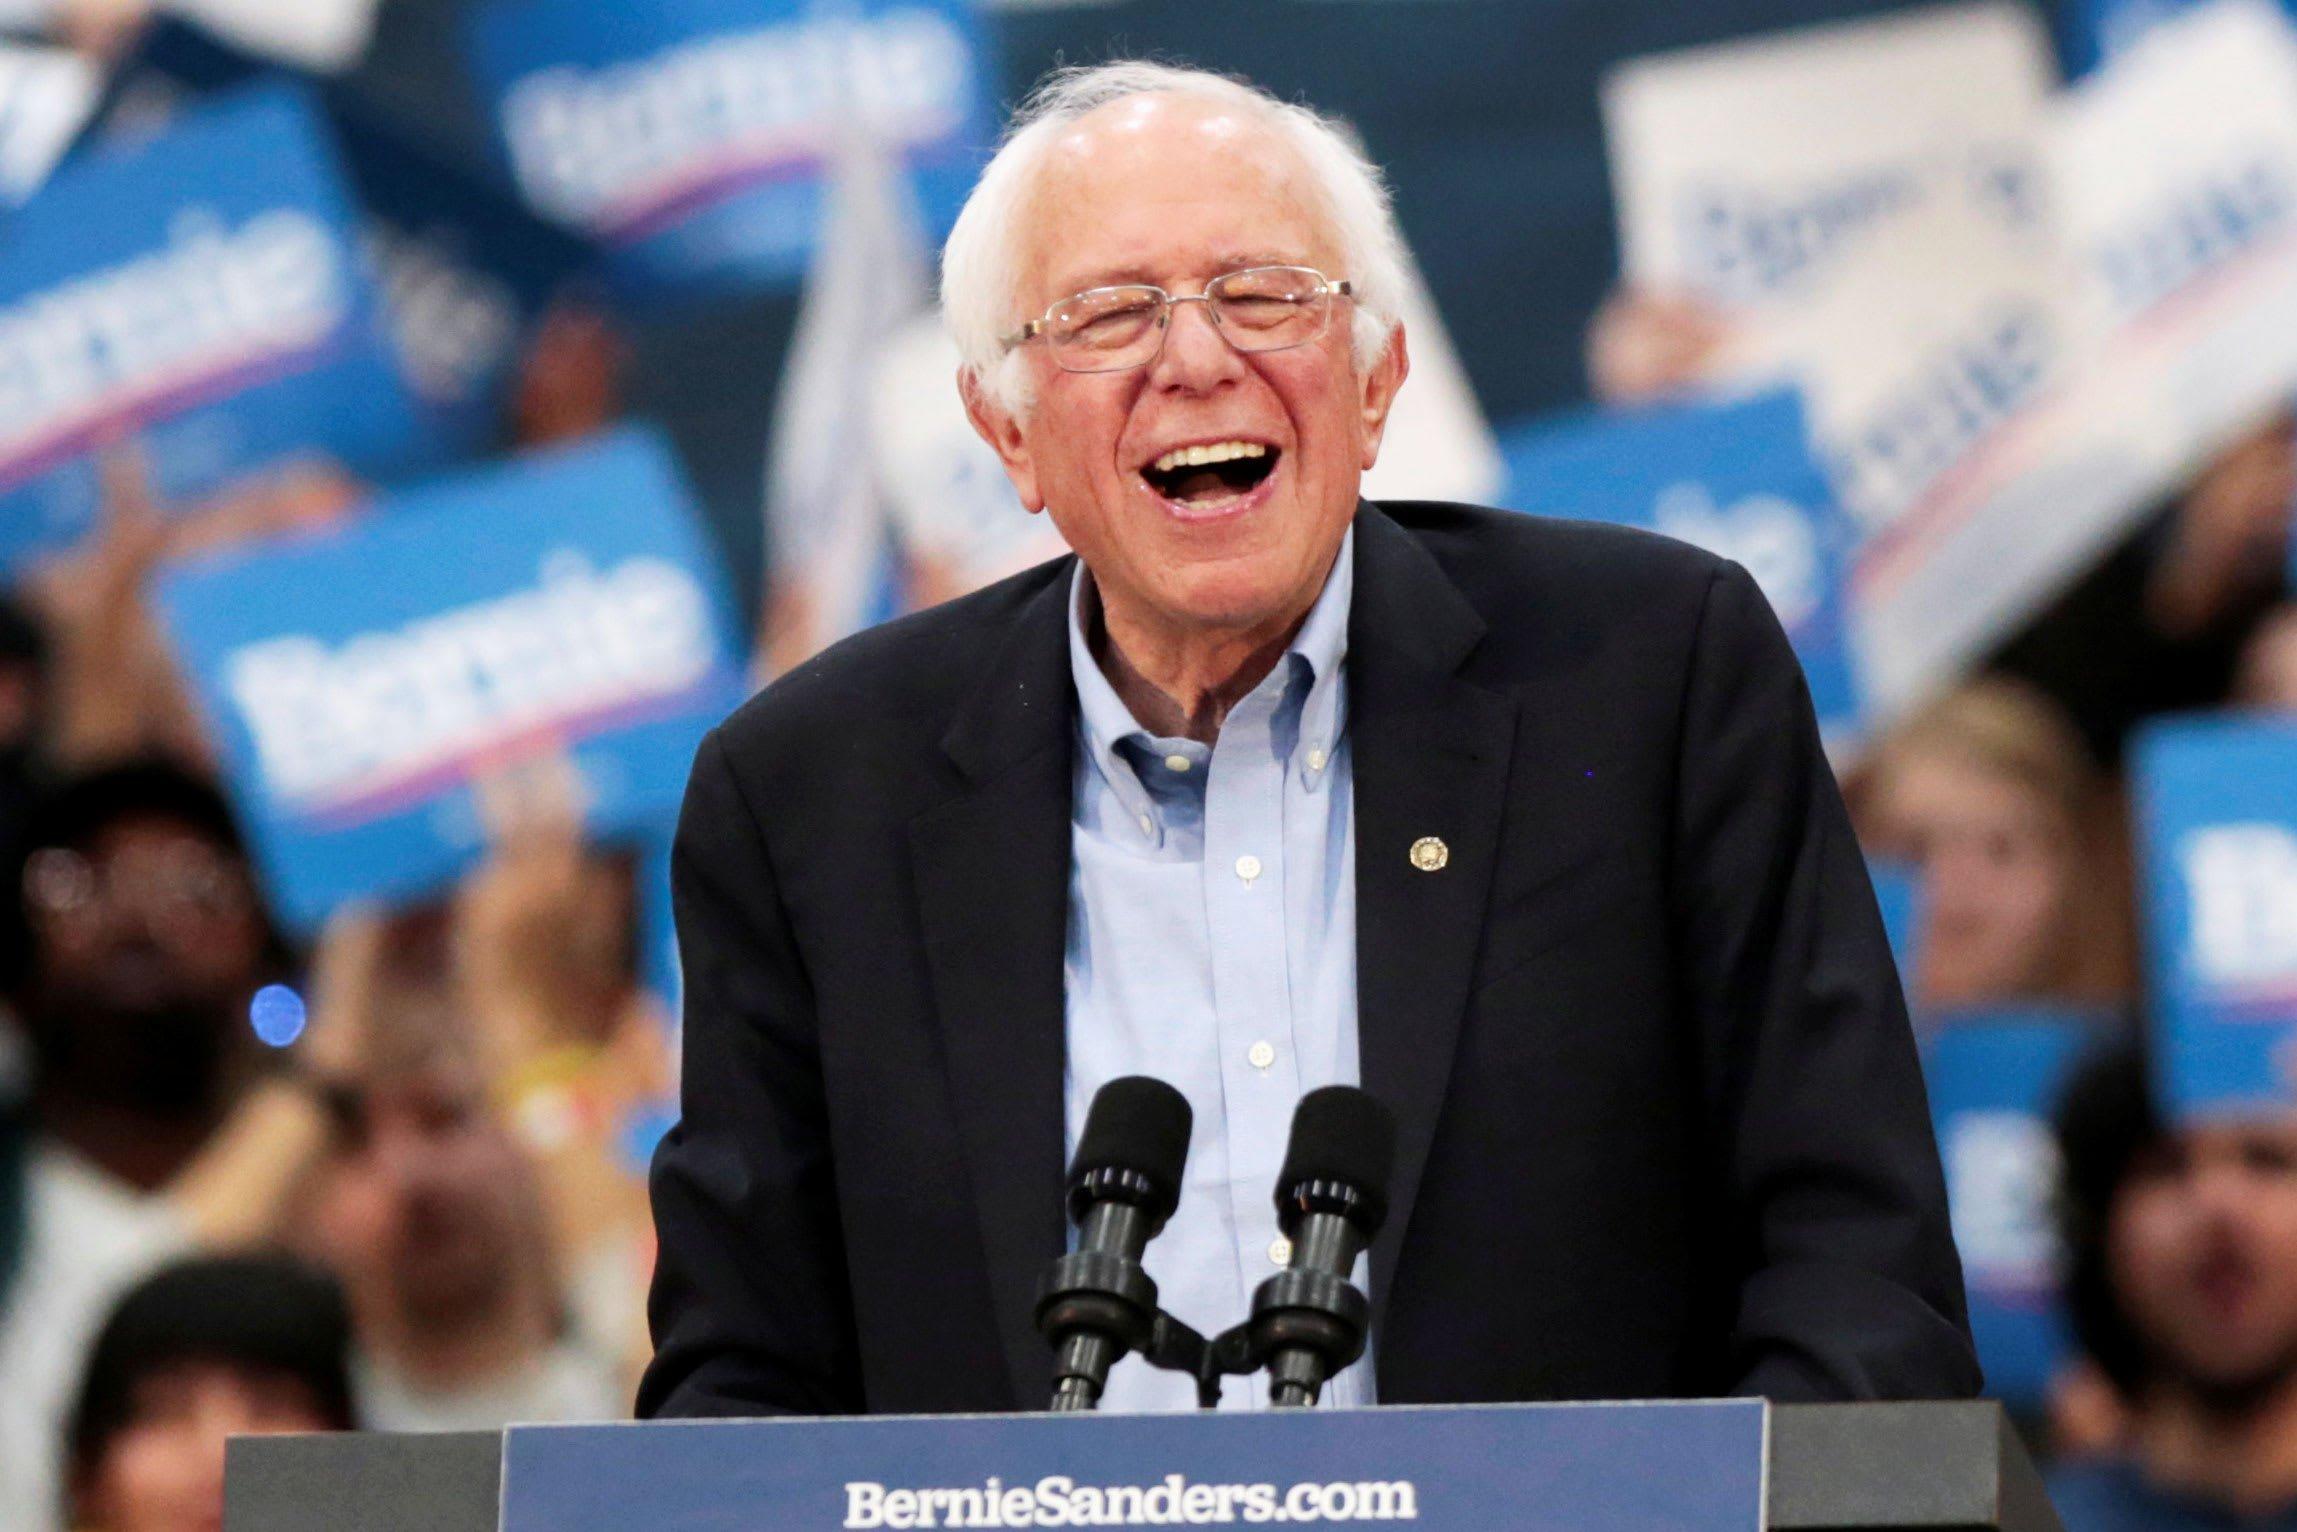 EEUU. Primarias demócratas: las encuestas dan un 25% a Sanders y un 17% a Biden en todo el país